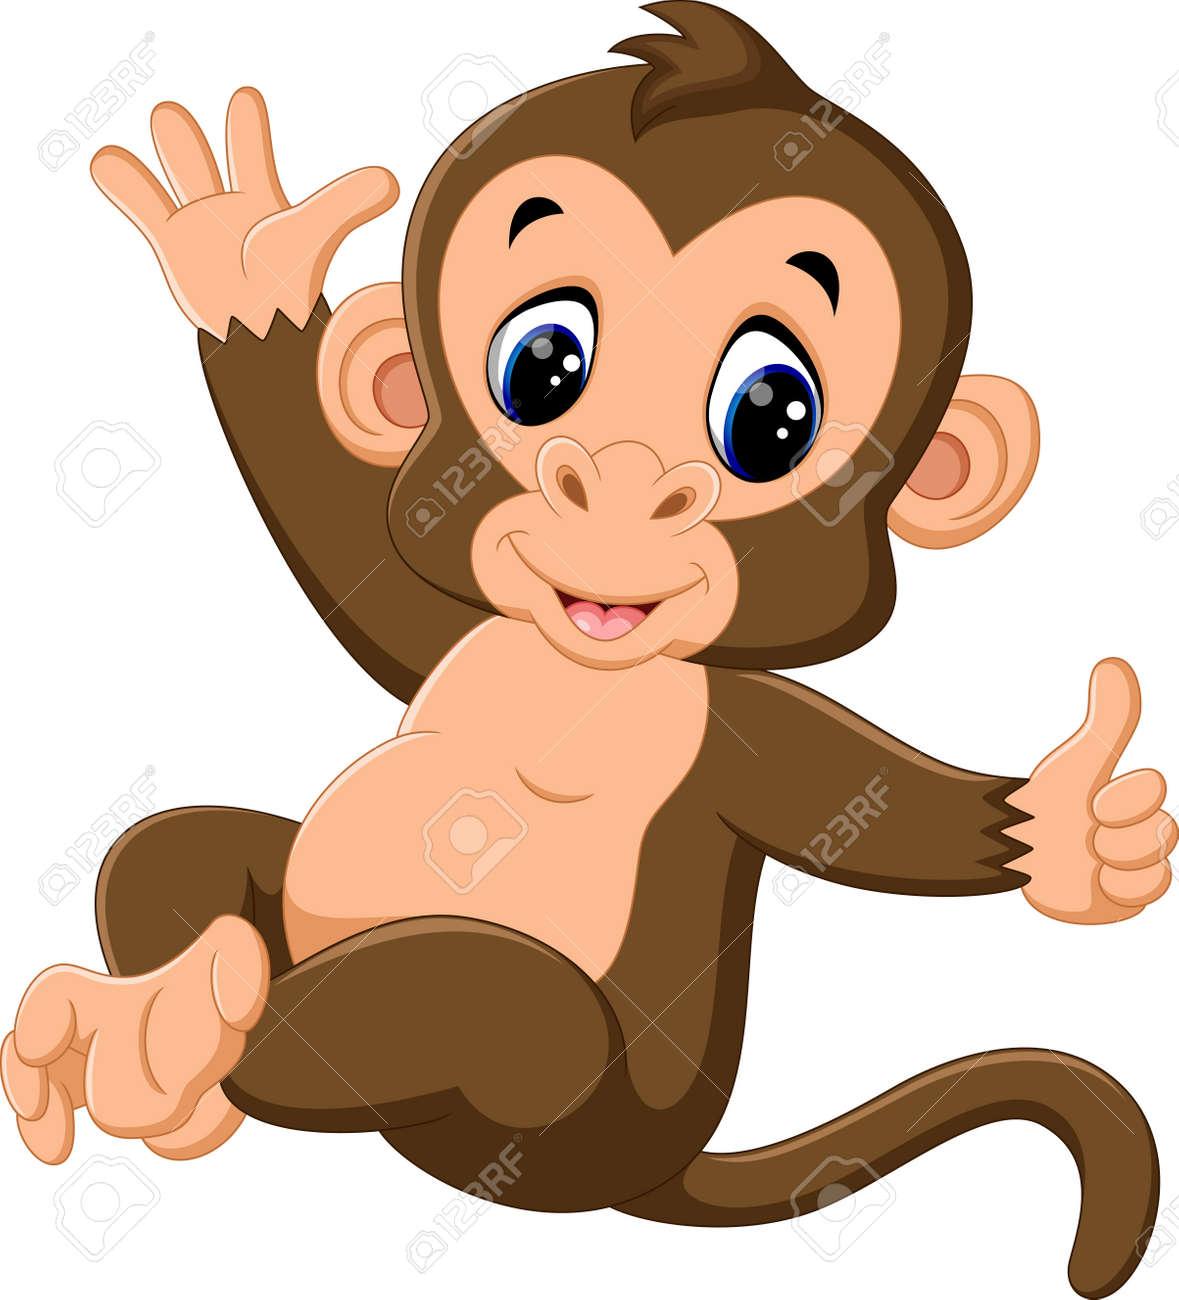 かわいい猿の漫画のイラスト の写真素材 画像素材 Image